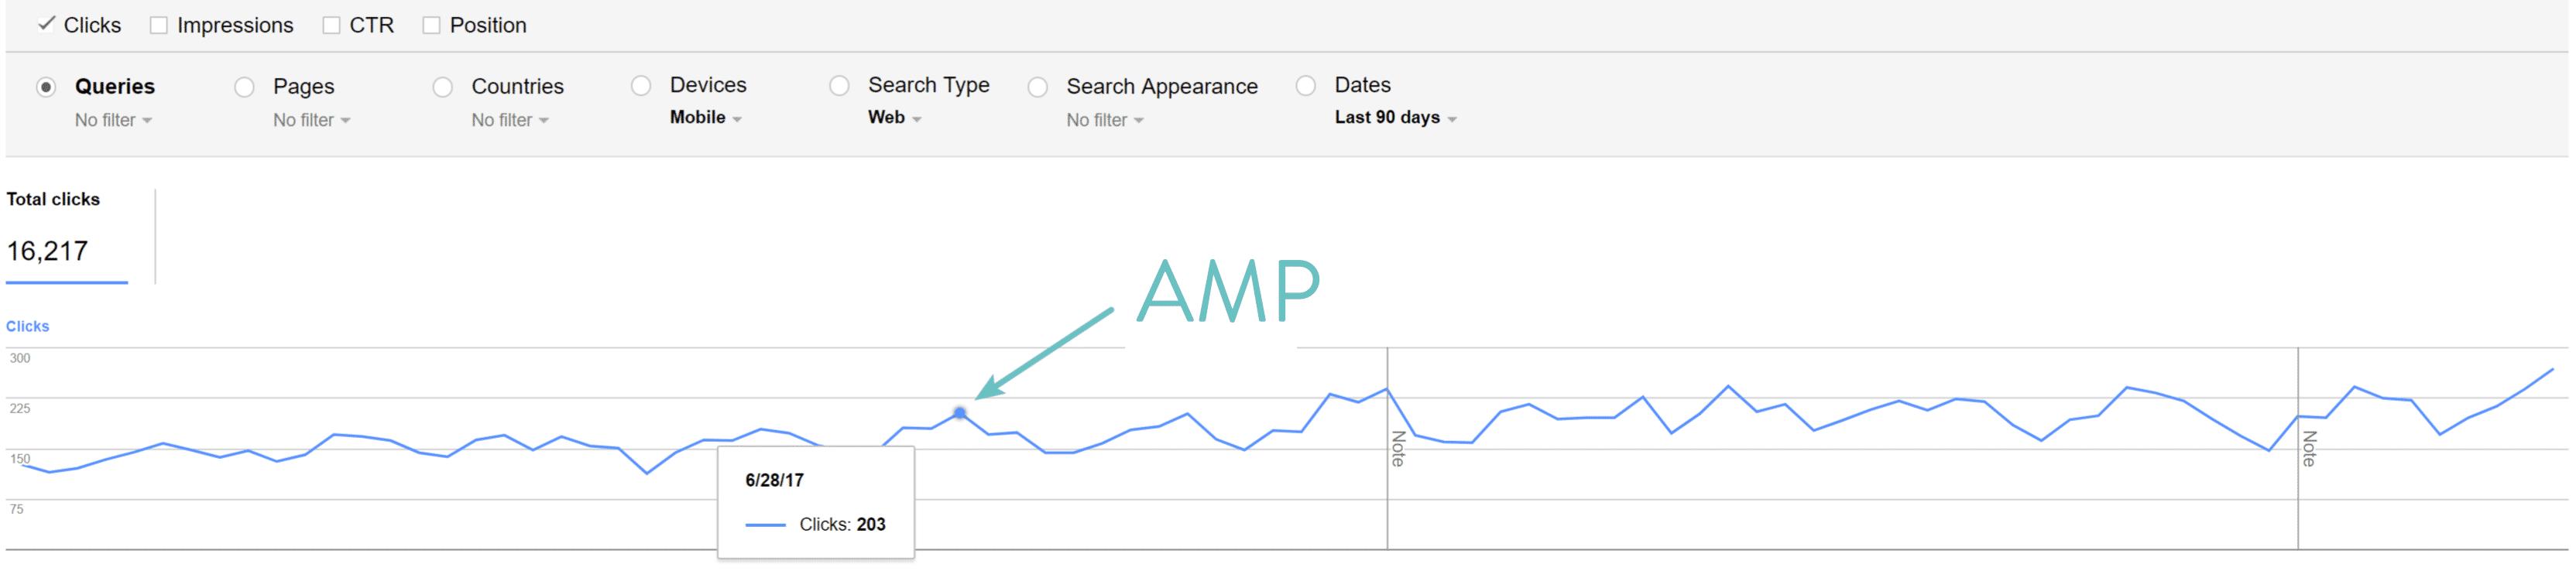 Clics Google AMP